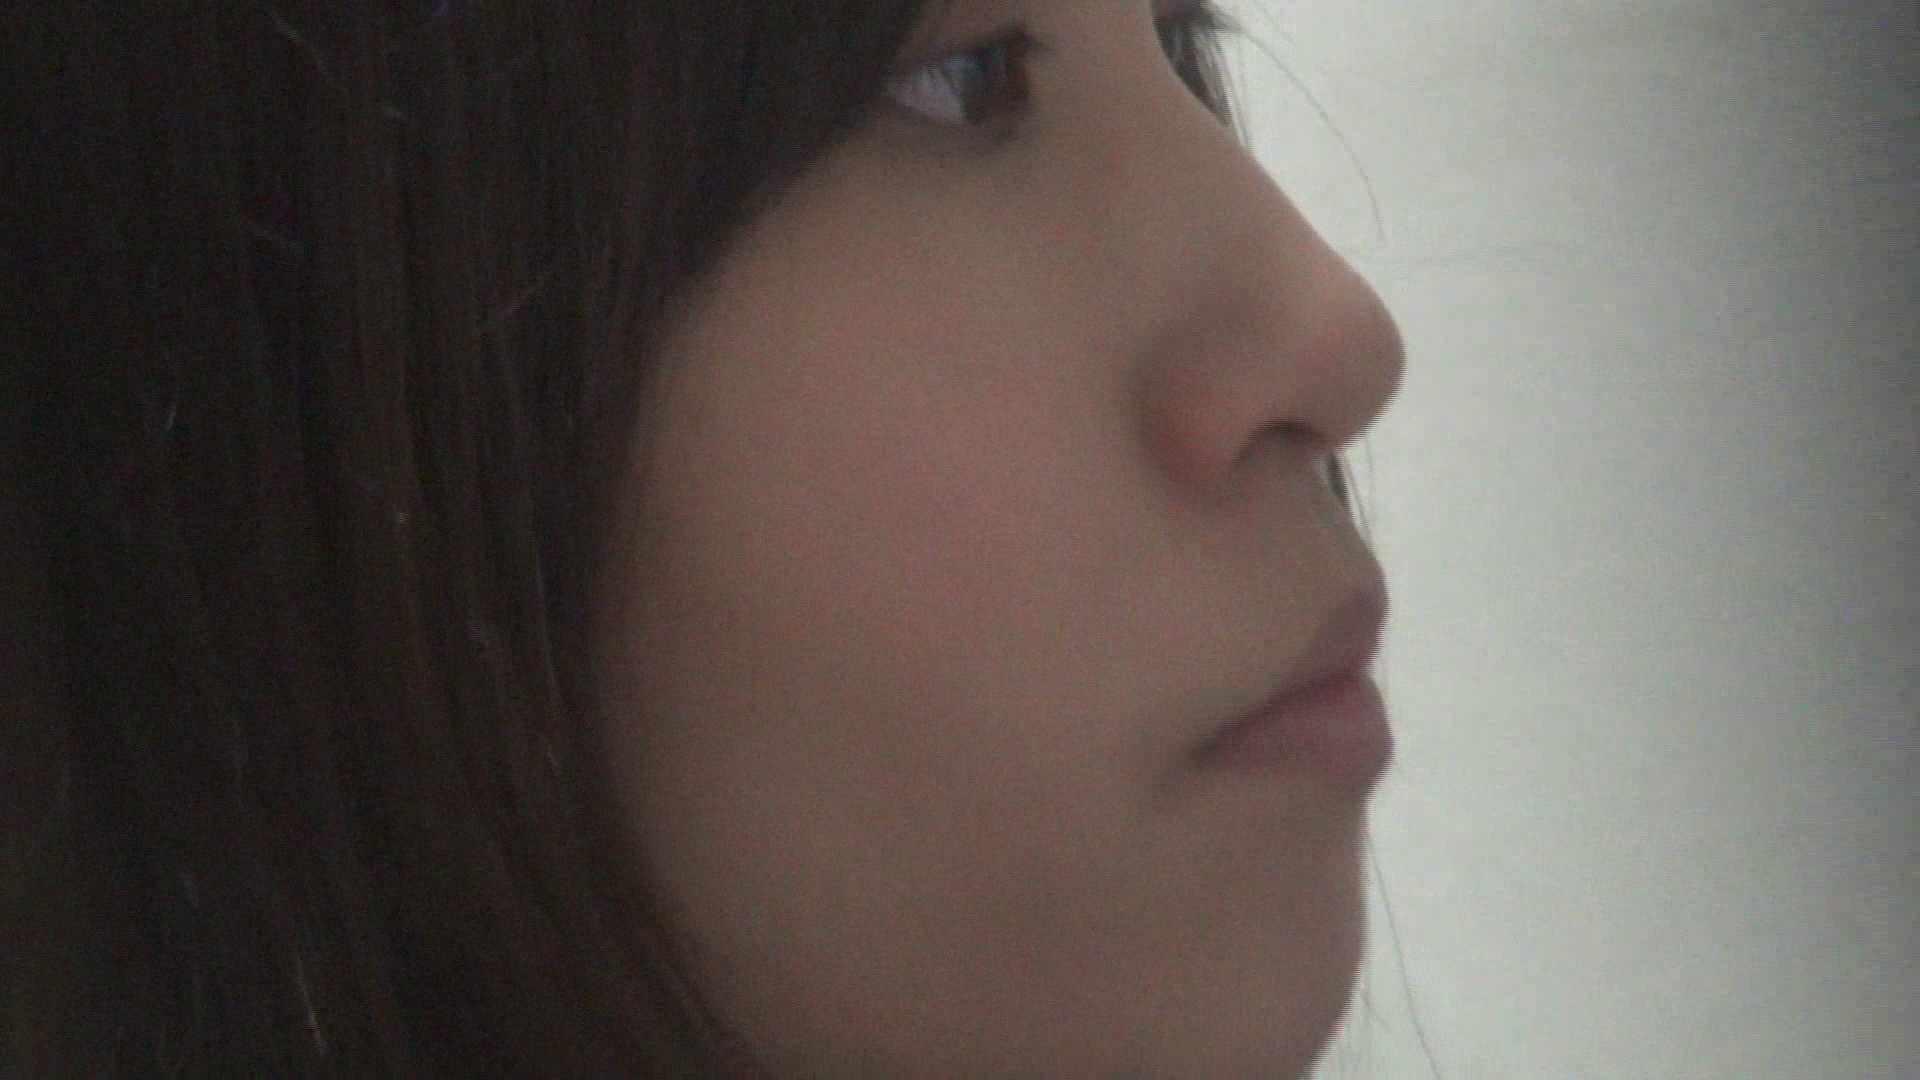 【05】仕事が忙しくて・・・久しぶりにベランダで待ち伏せ 盗撮  59PIX 56